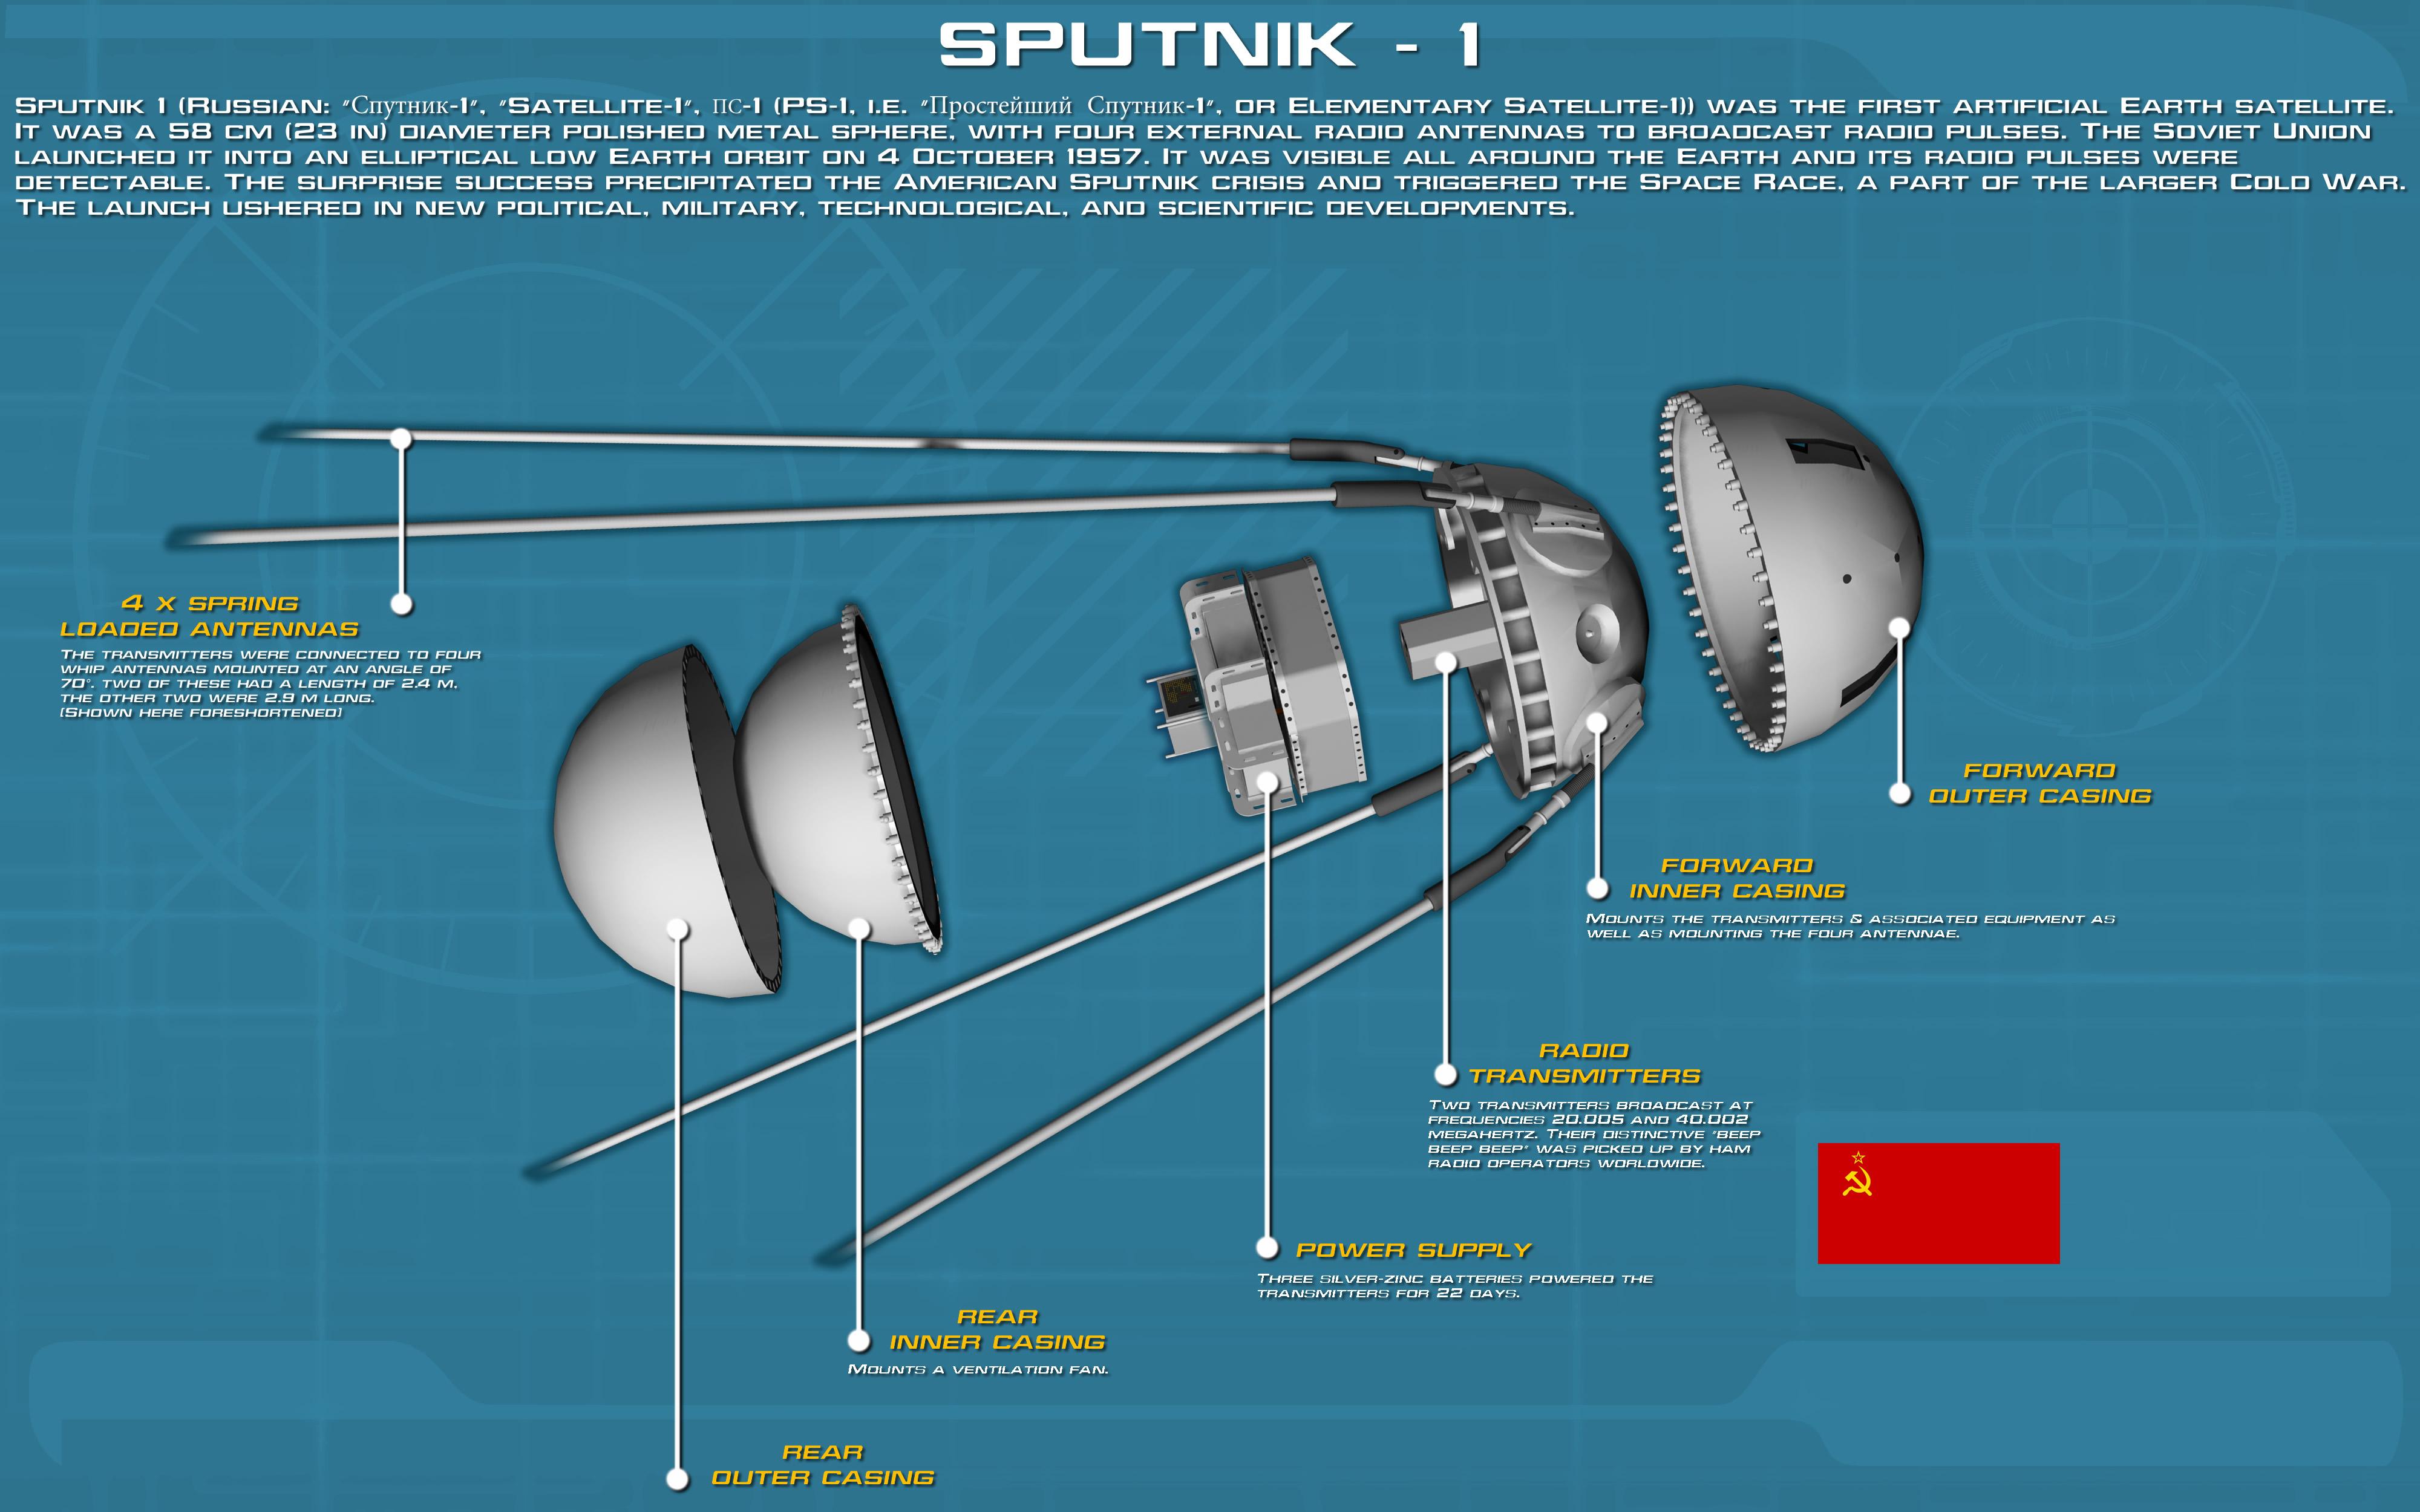 Sputnik-1 Tech Readout [new] by unusualsuspex